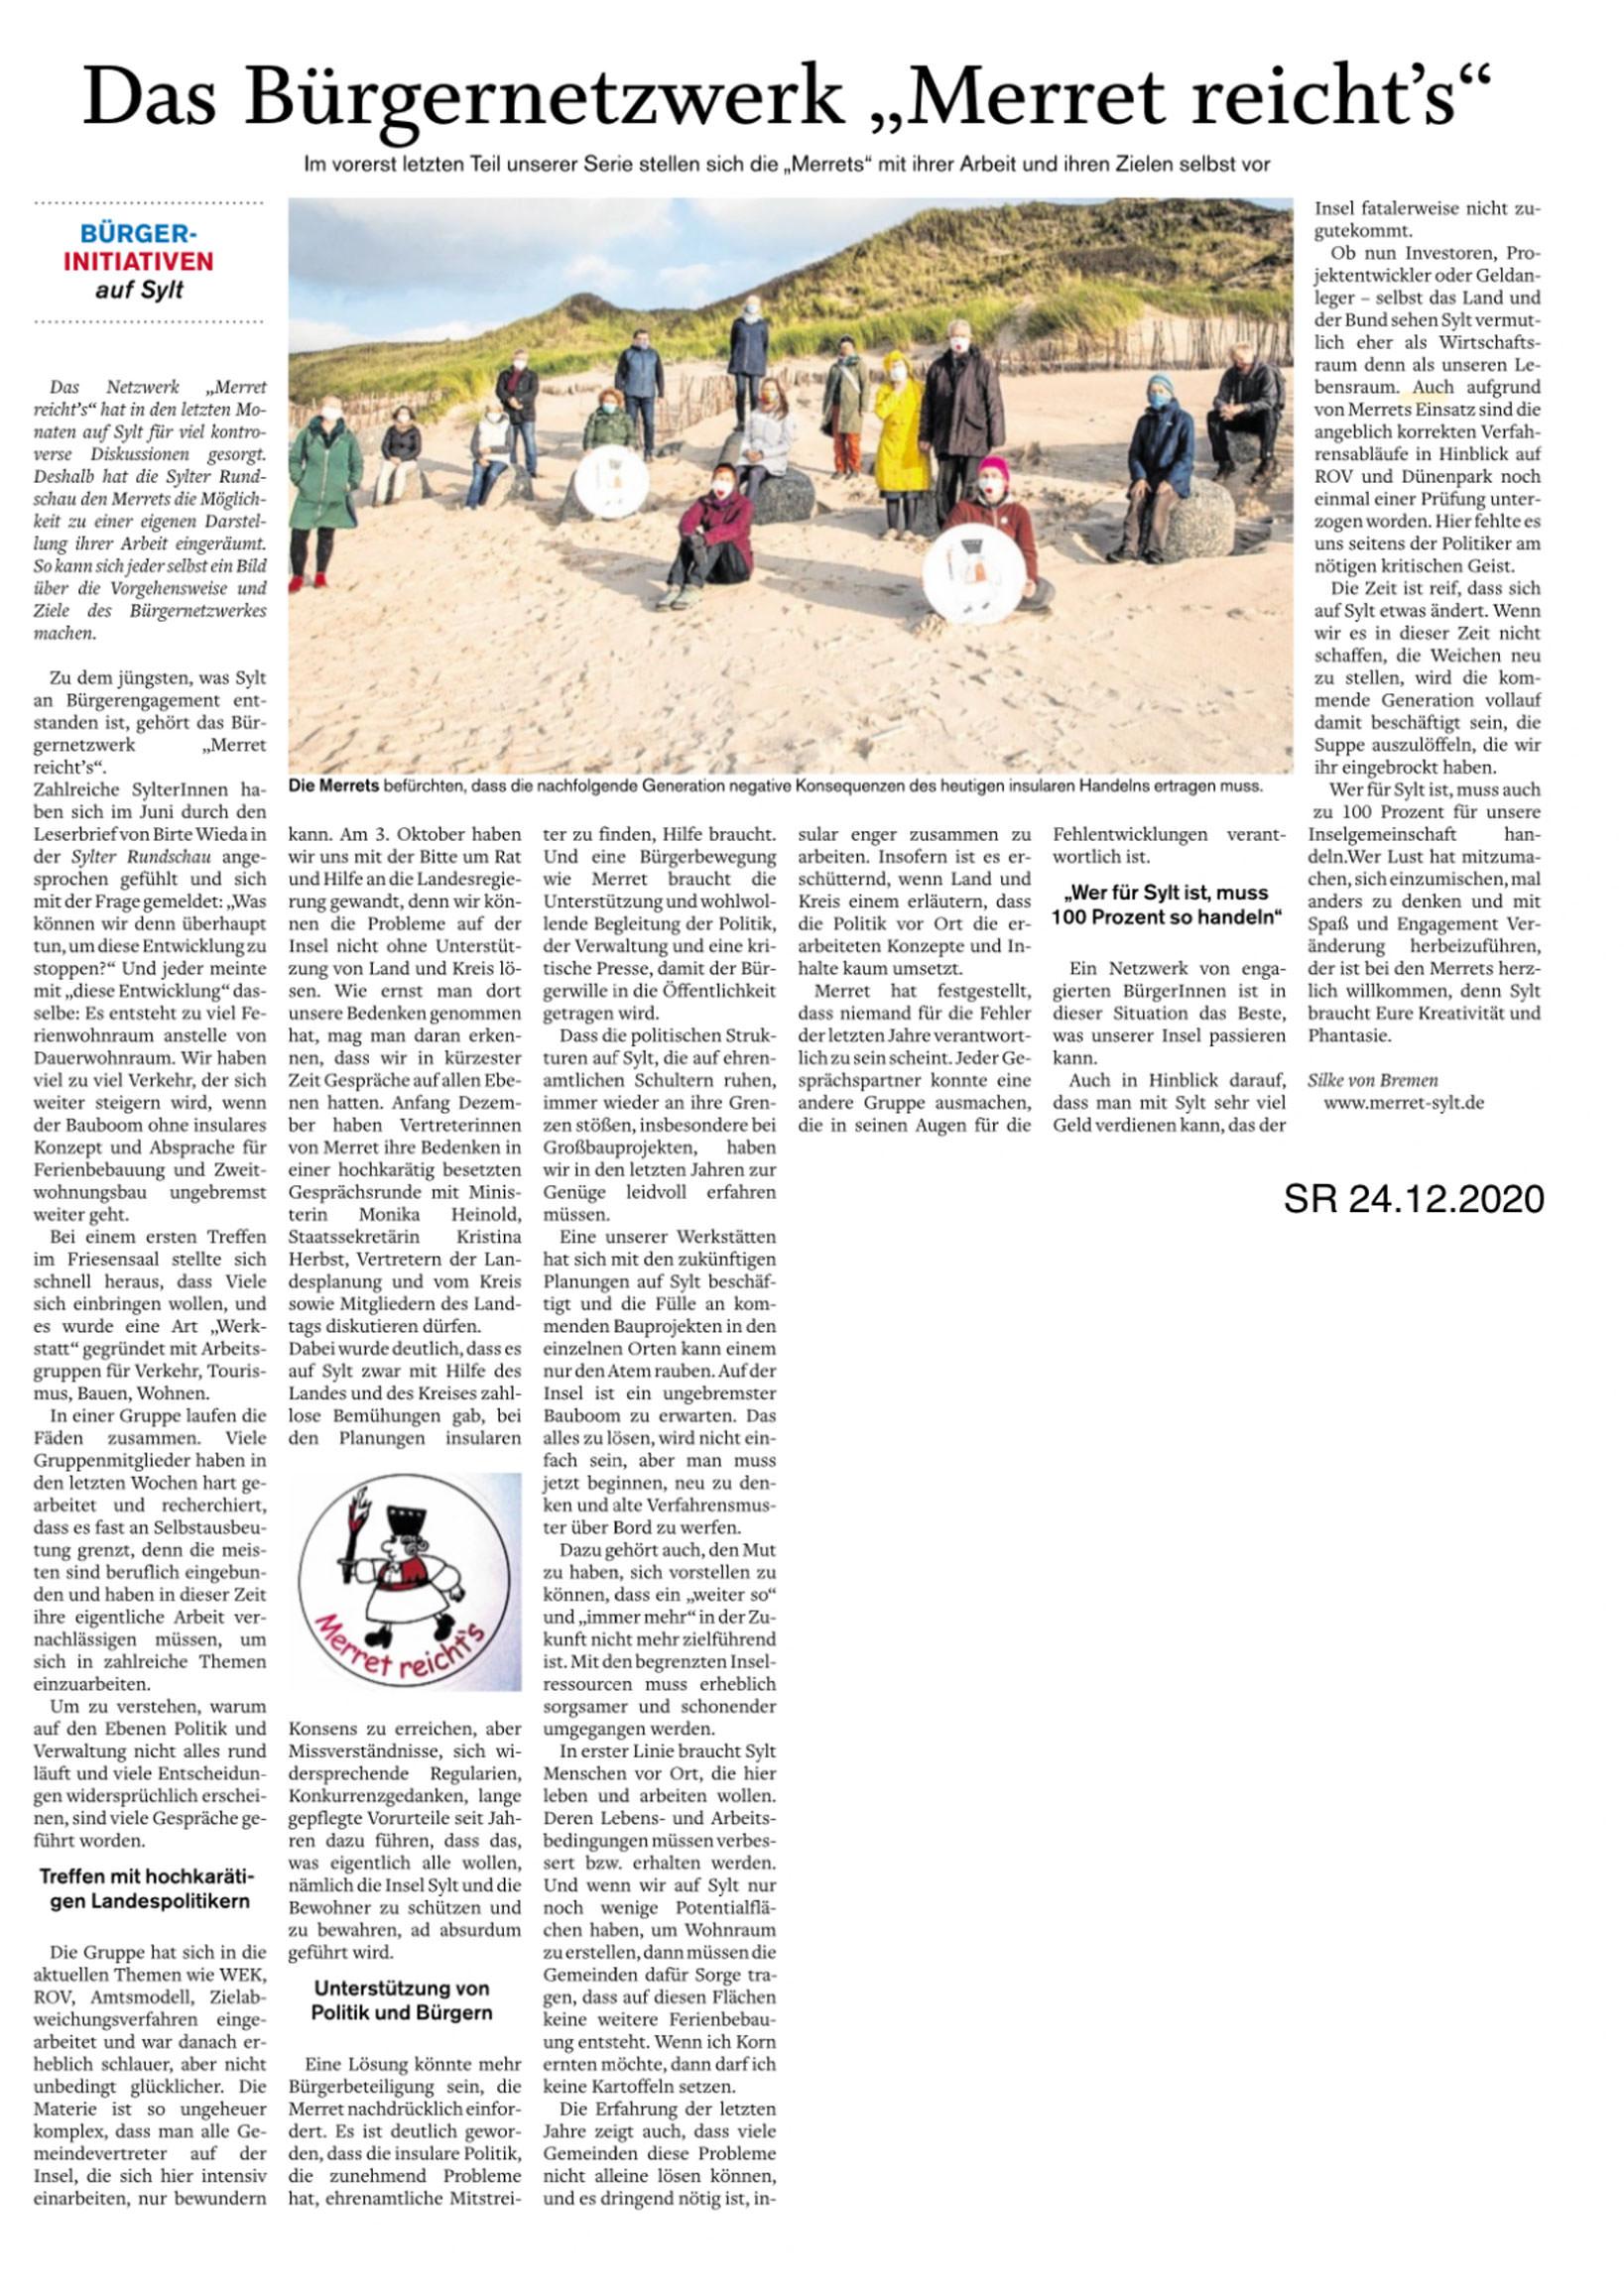 Artikel in der Sylter Rundschau, 24.12.2020